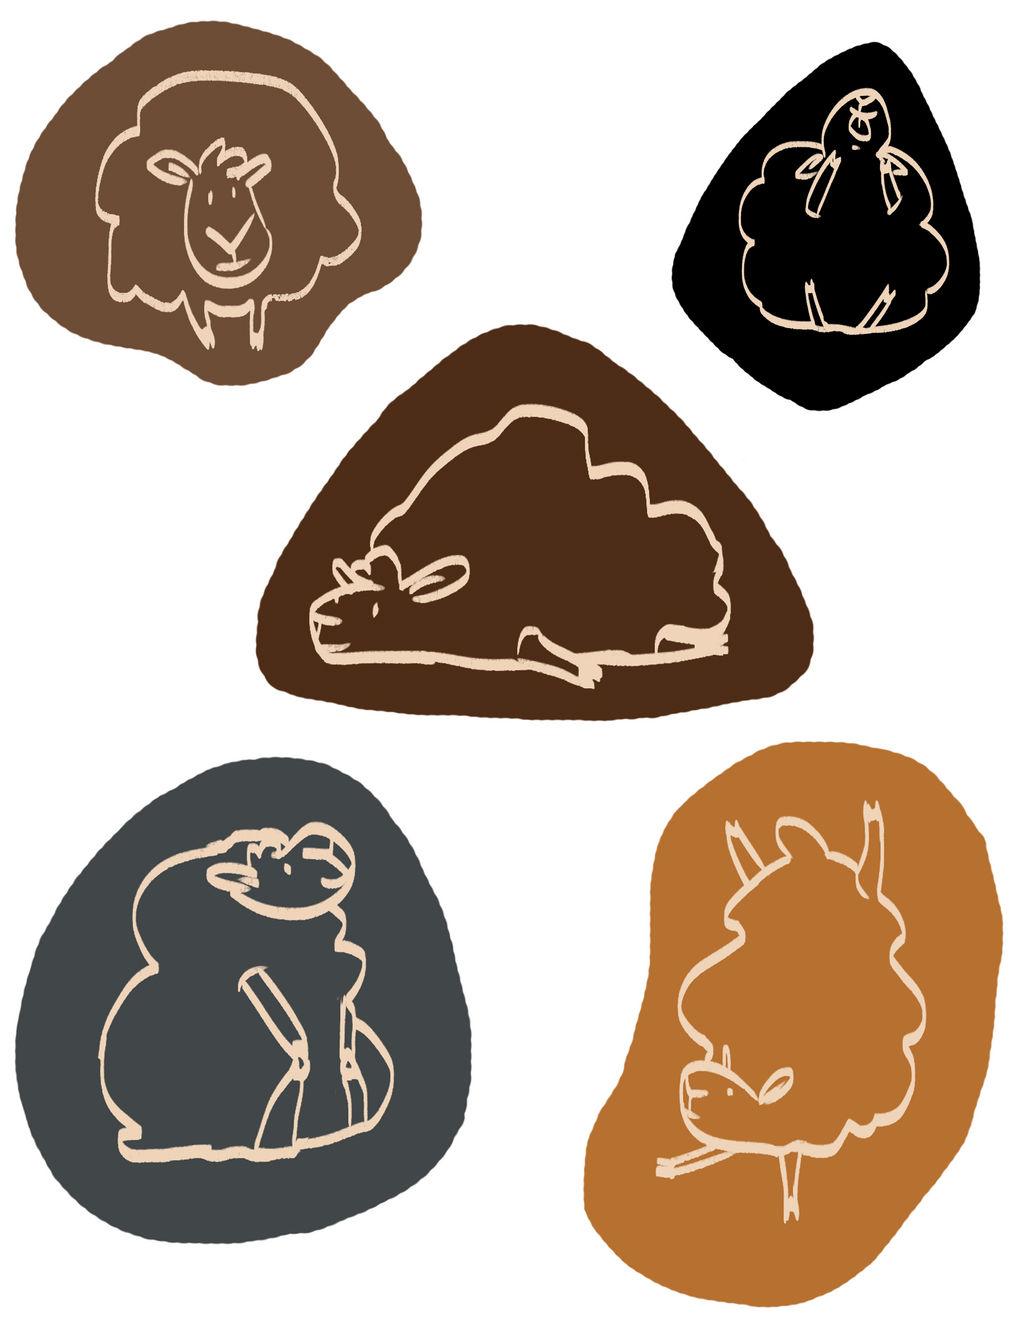 Derp Sheep Stickers